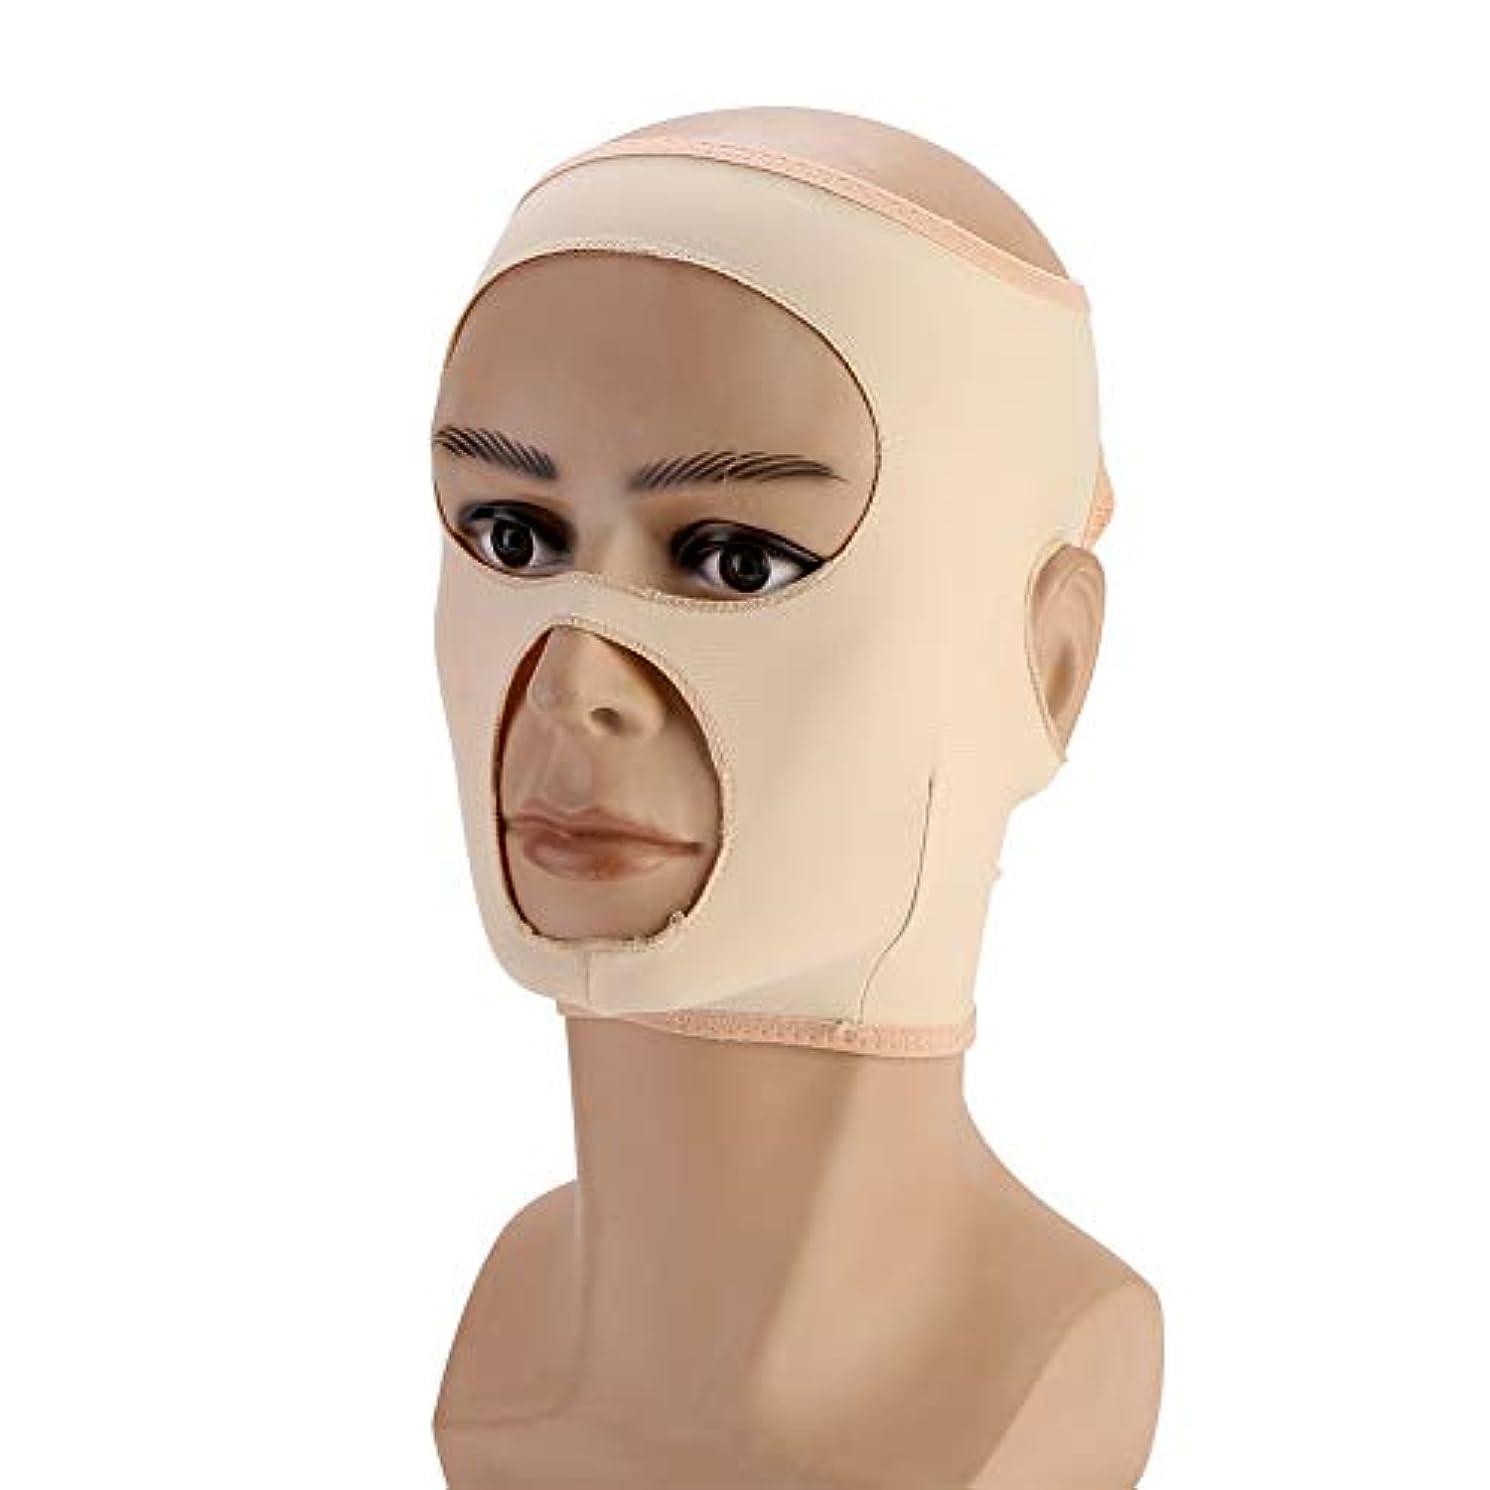 ご覧ください句参加者フェイス包帯 フェイシャルケア 小顔 美顔 Vライン 顔輪郭改善 美容包帯 通気性/伸縮性/自動調整バックル フェイシャル マスク フェイスラインスリムアップベルト(M)